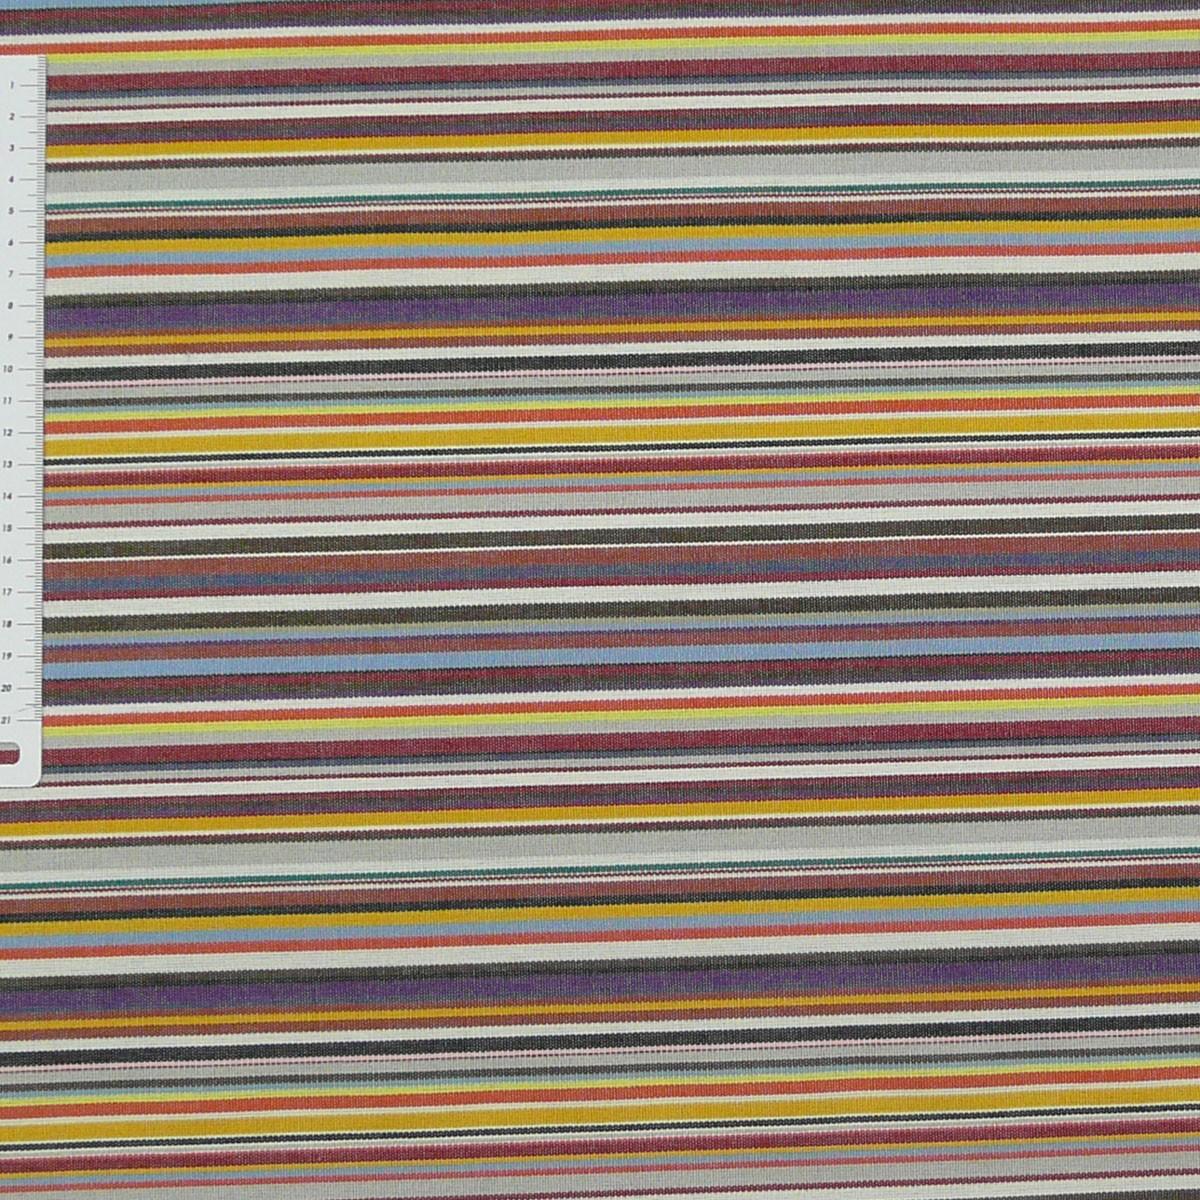 Anspruchsvoll Outdoorstoffe Ideen Von Outdoorstoff Markisenstoff Gartenmöbelstoff Toldo Streifen Kräftige Farben